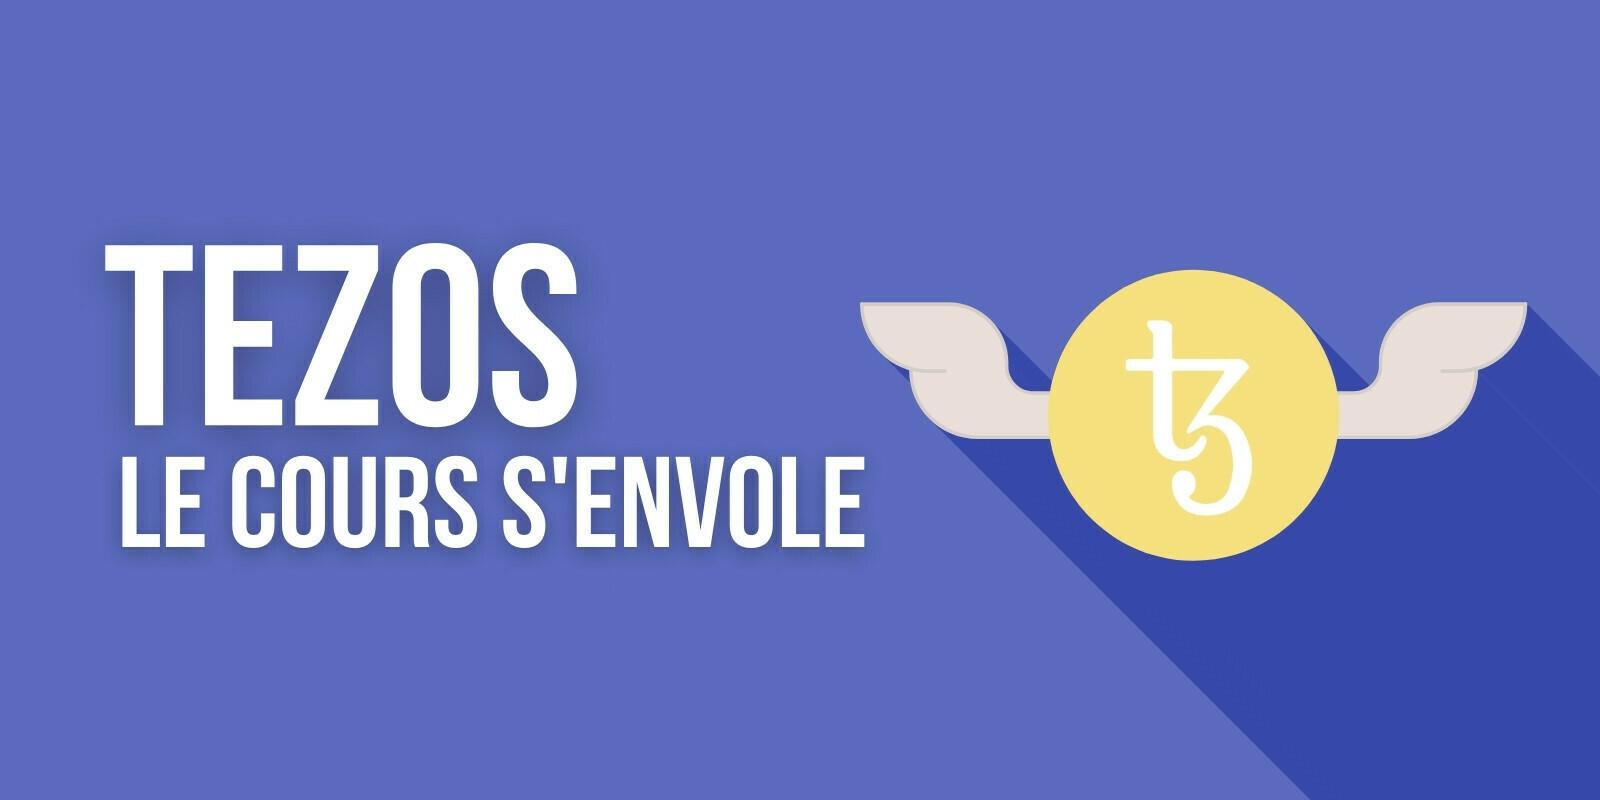 Pourquoi le cours du Tezos (XTZ) a-t-il pris +50% sur la semaine?